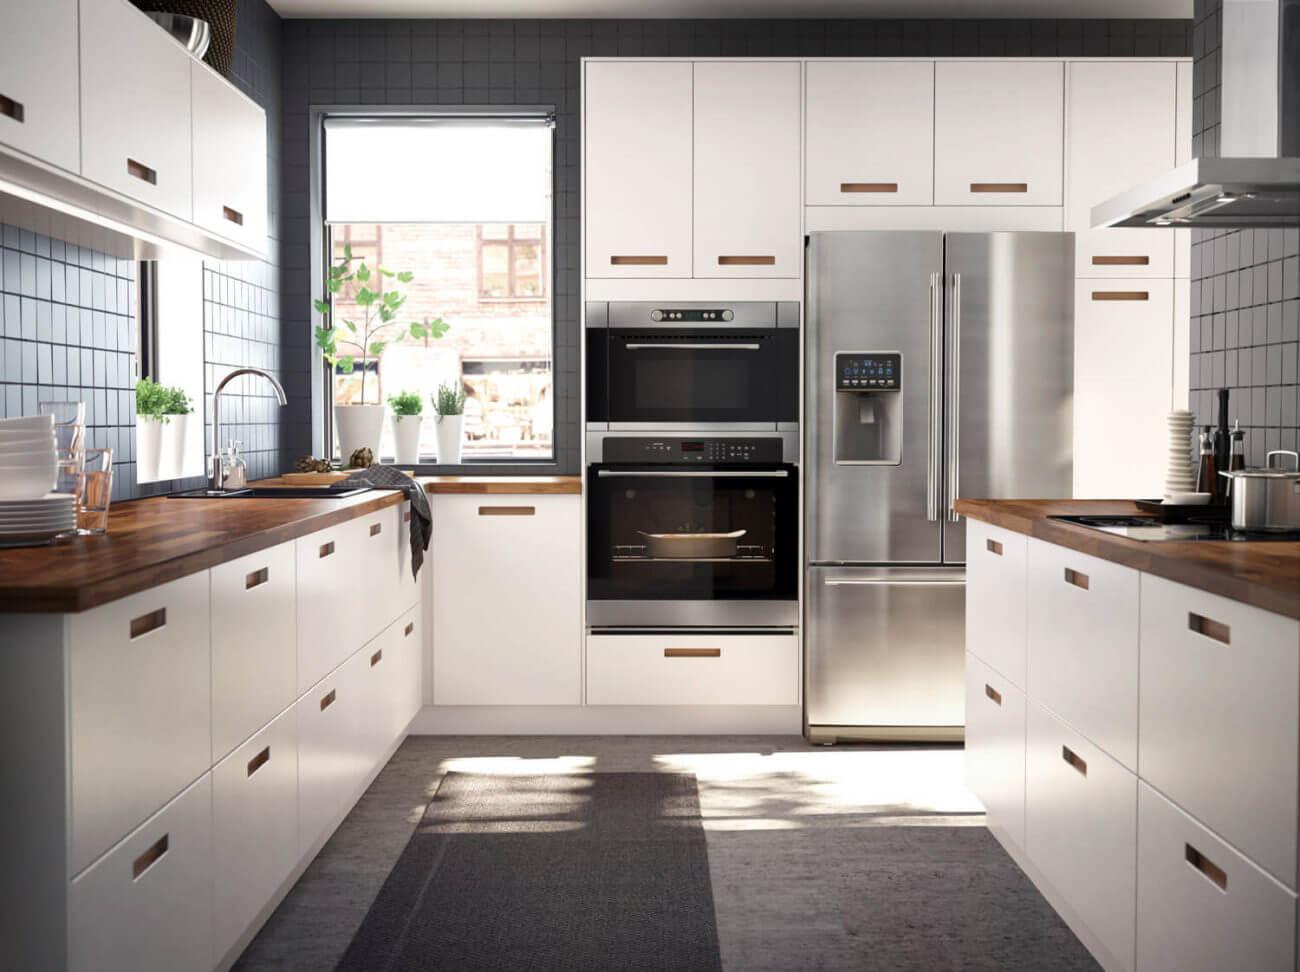 Amerikanischer Kühlschrank Küche : Ikea küche kühlschrank einbauen neue ikea küche unter dachschräge